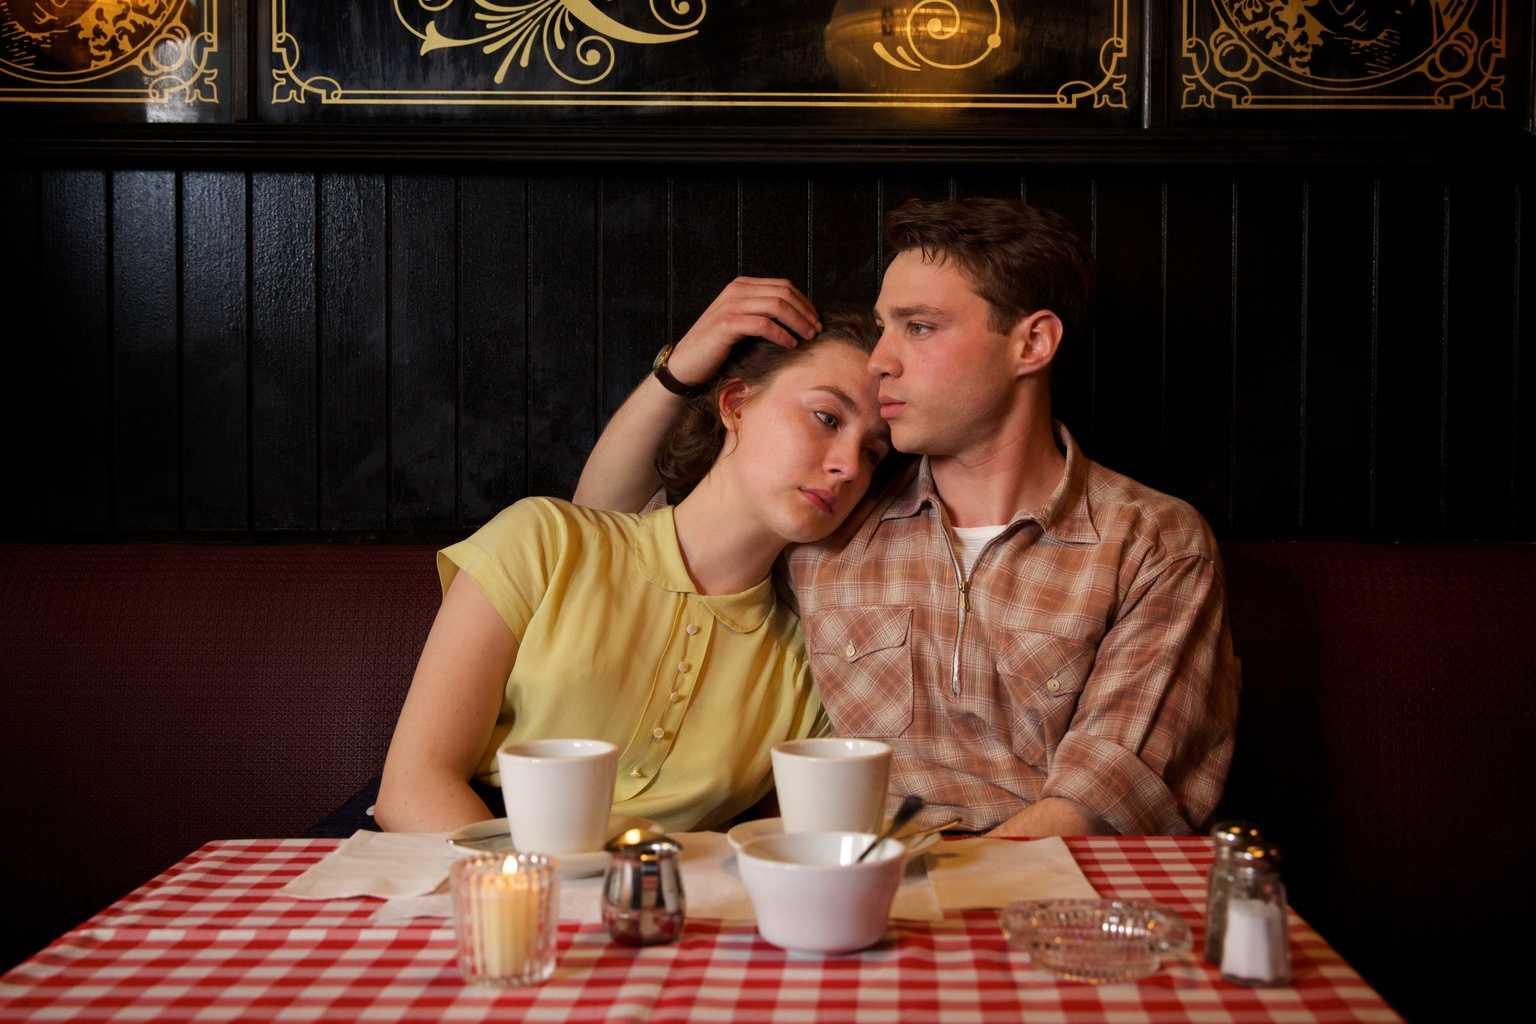 dating site deltid kærlighed kæreste dating andre fyre